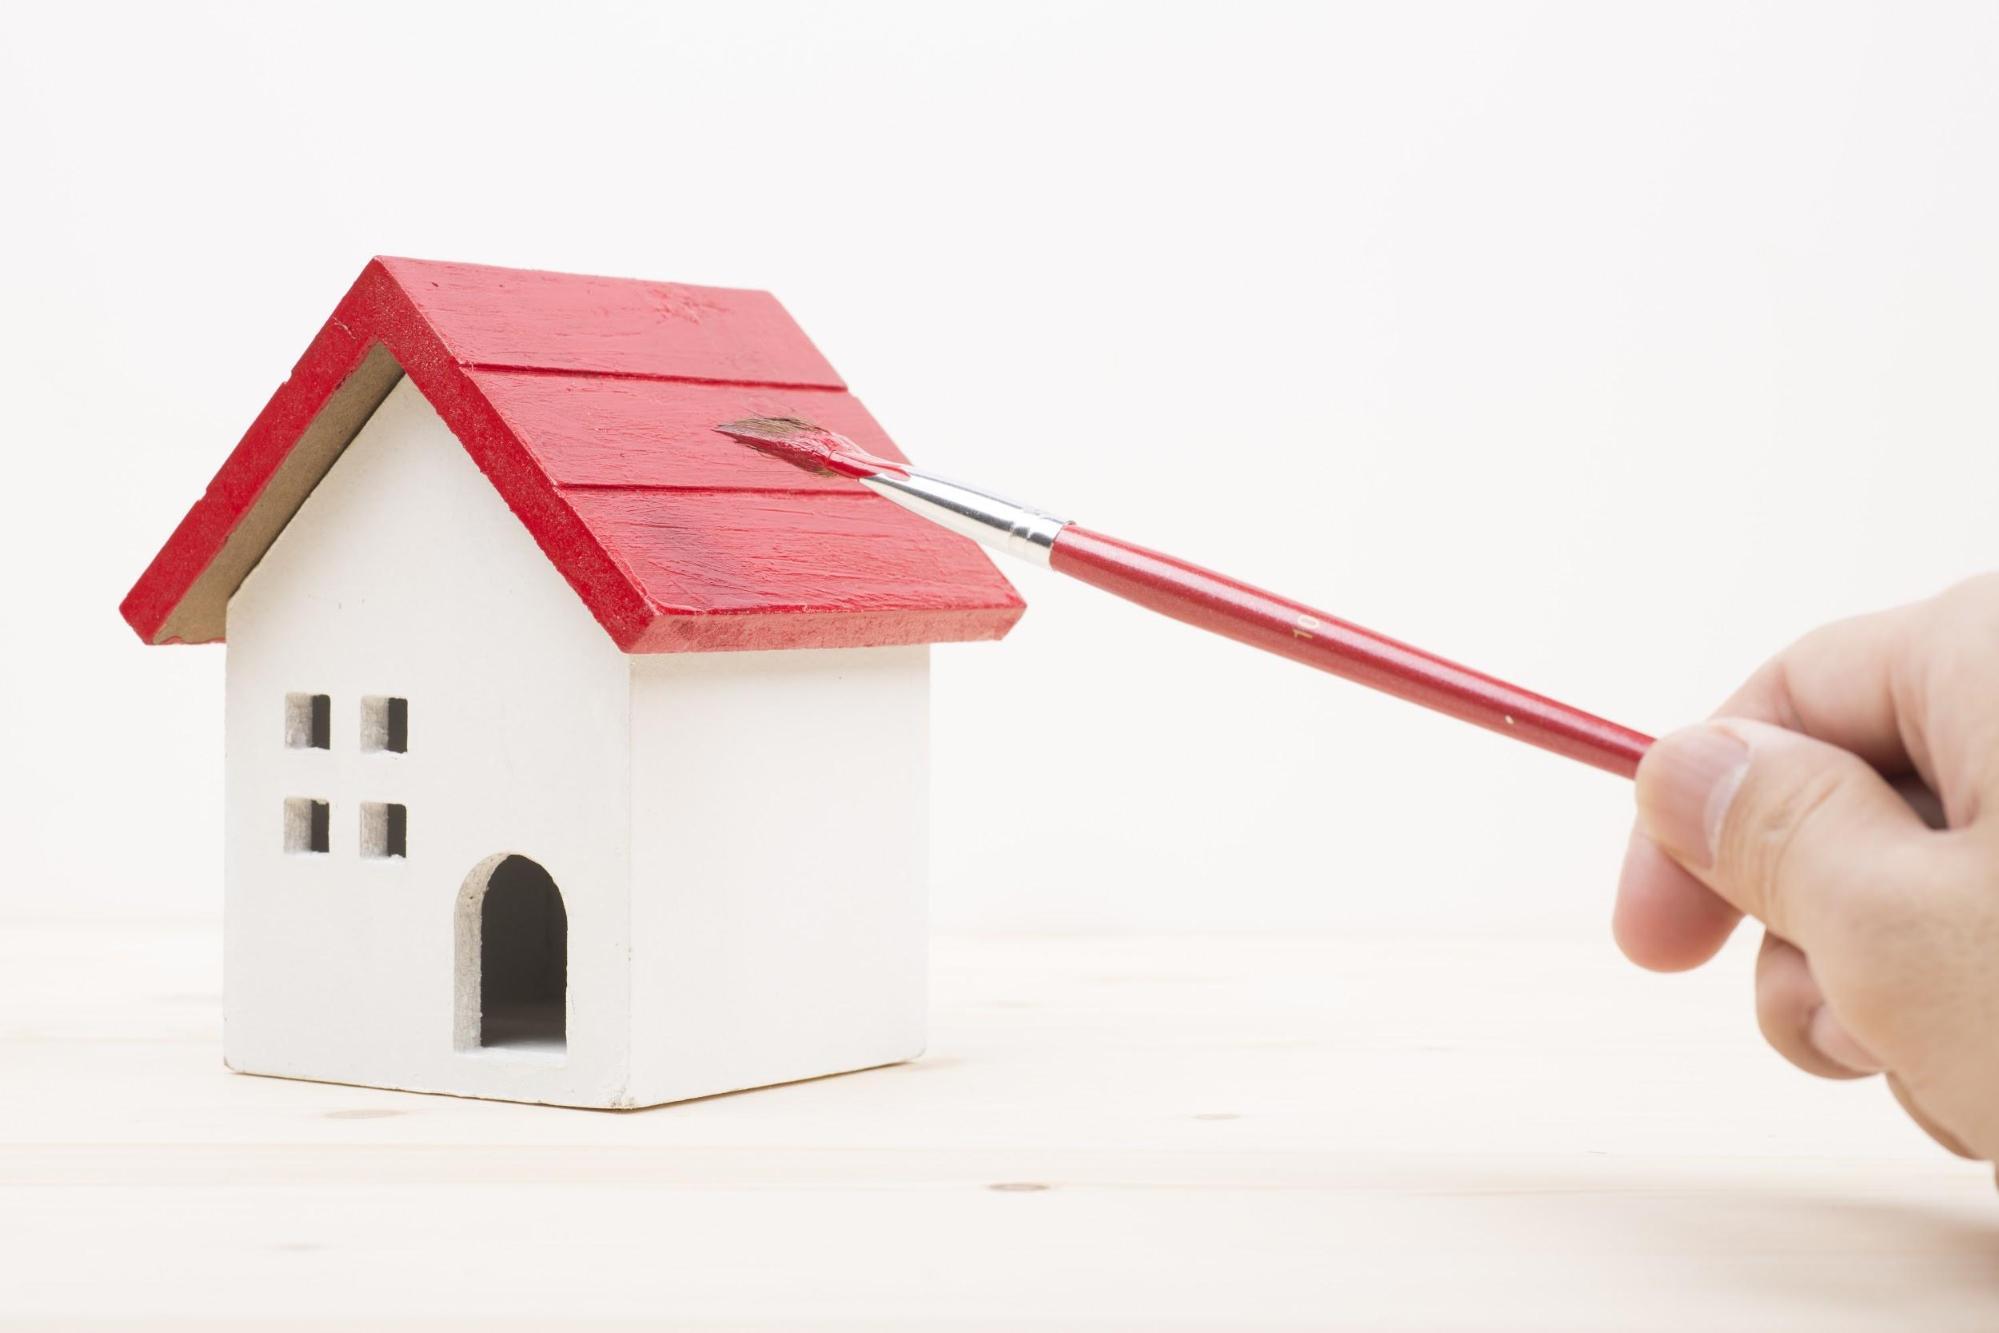 屋根塗装に使用する塗料の耐用年数